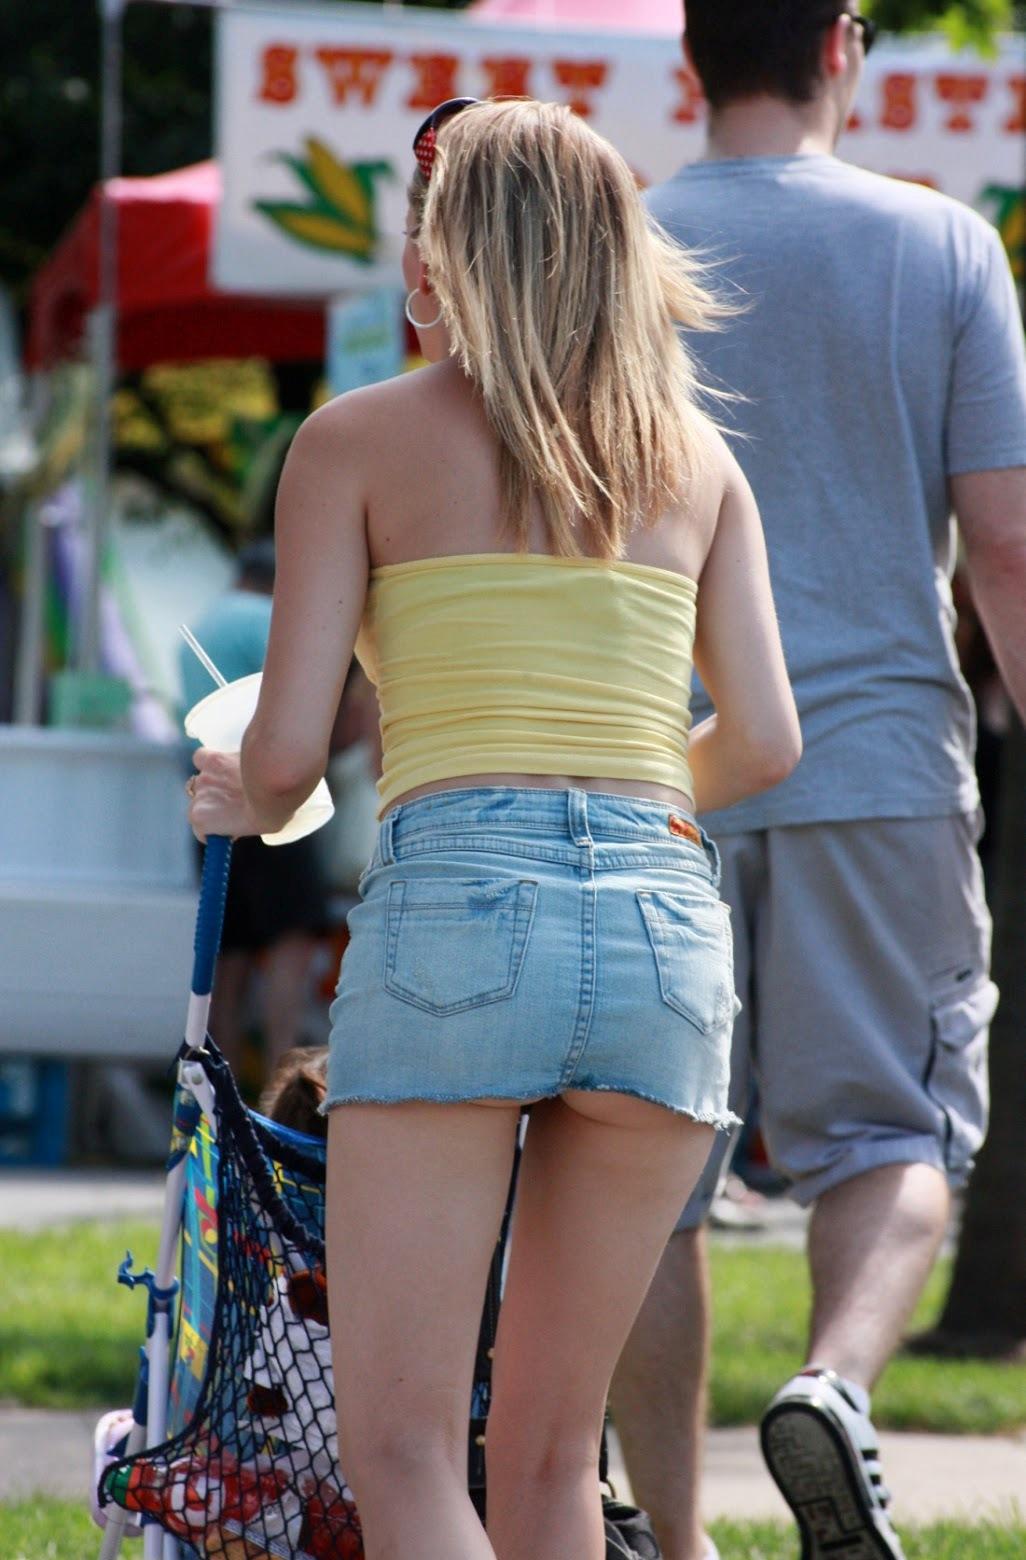 Сексуальная блондинка в очень короткой юбке светит своей попкой